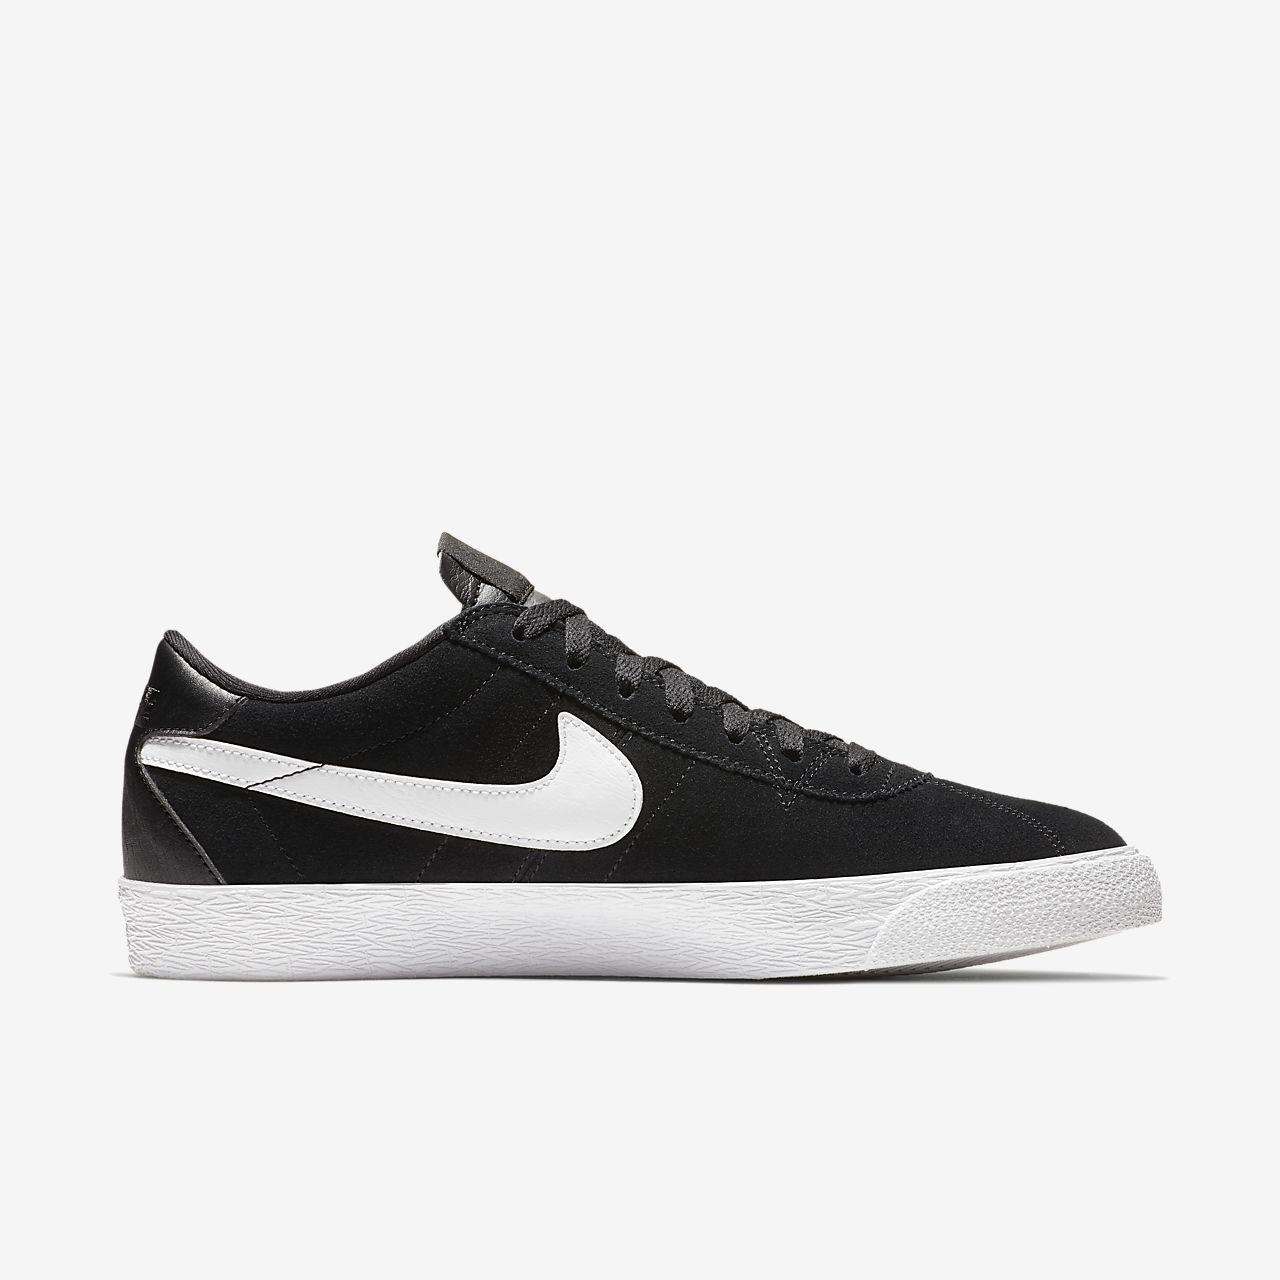 Nike SB Zoom Bruin Premium SE Men's Skateboarding Shoes Black qL8710O